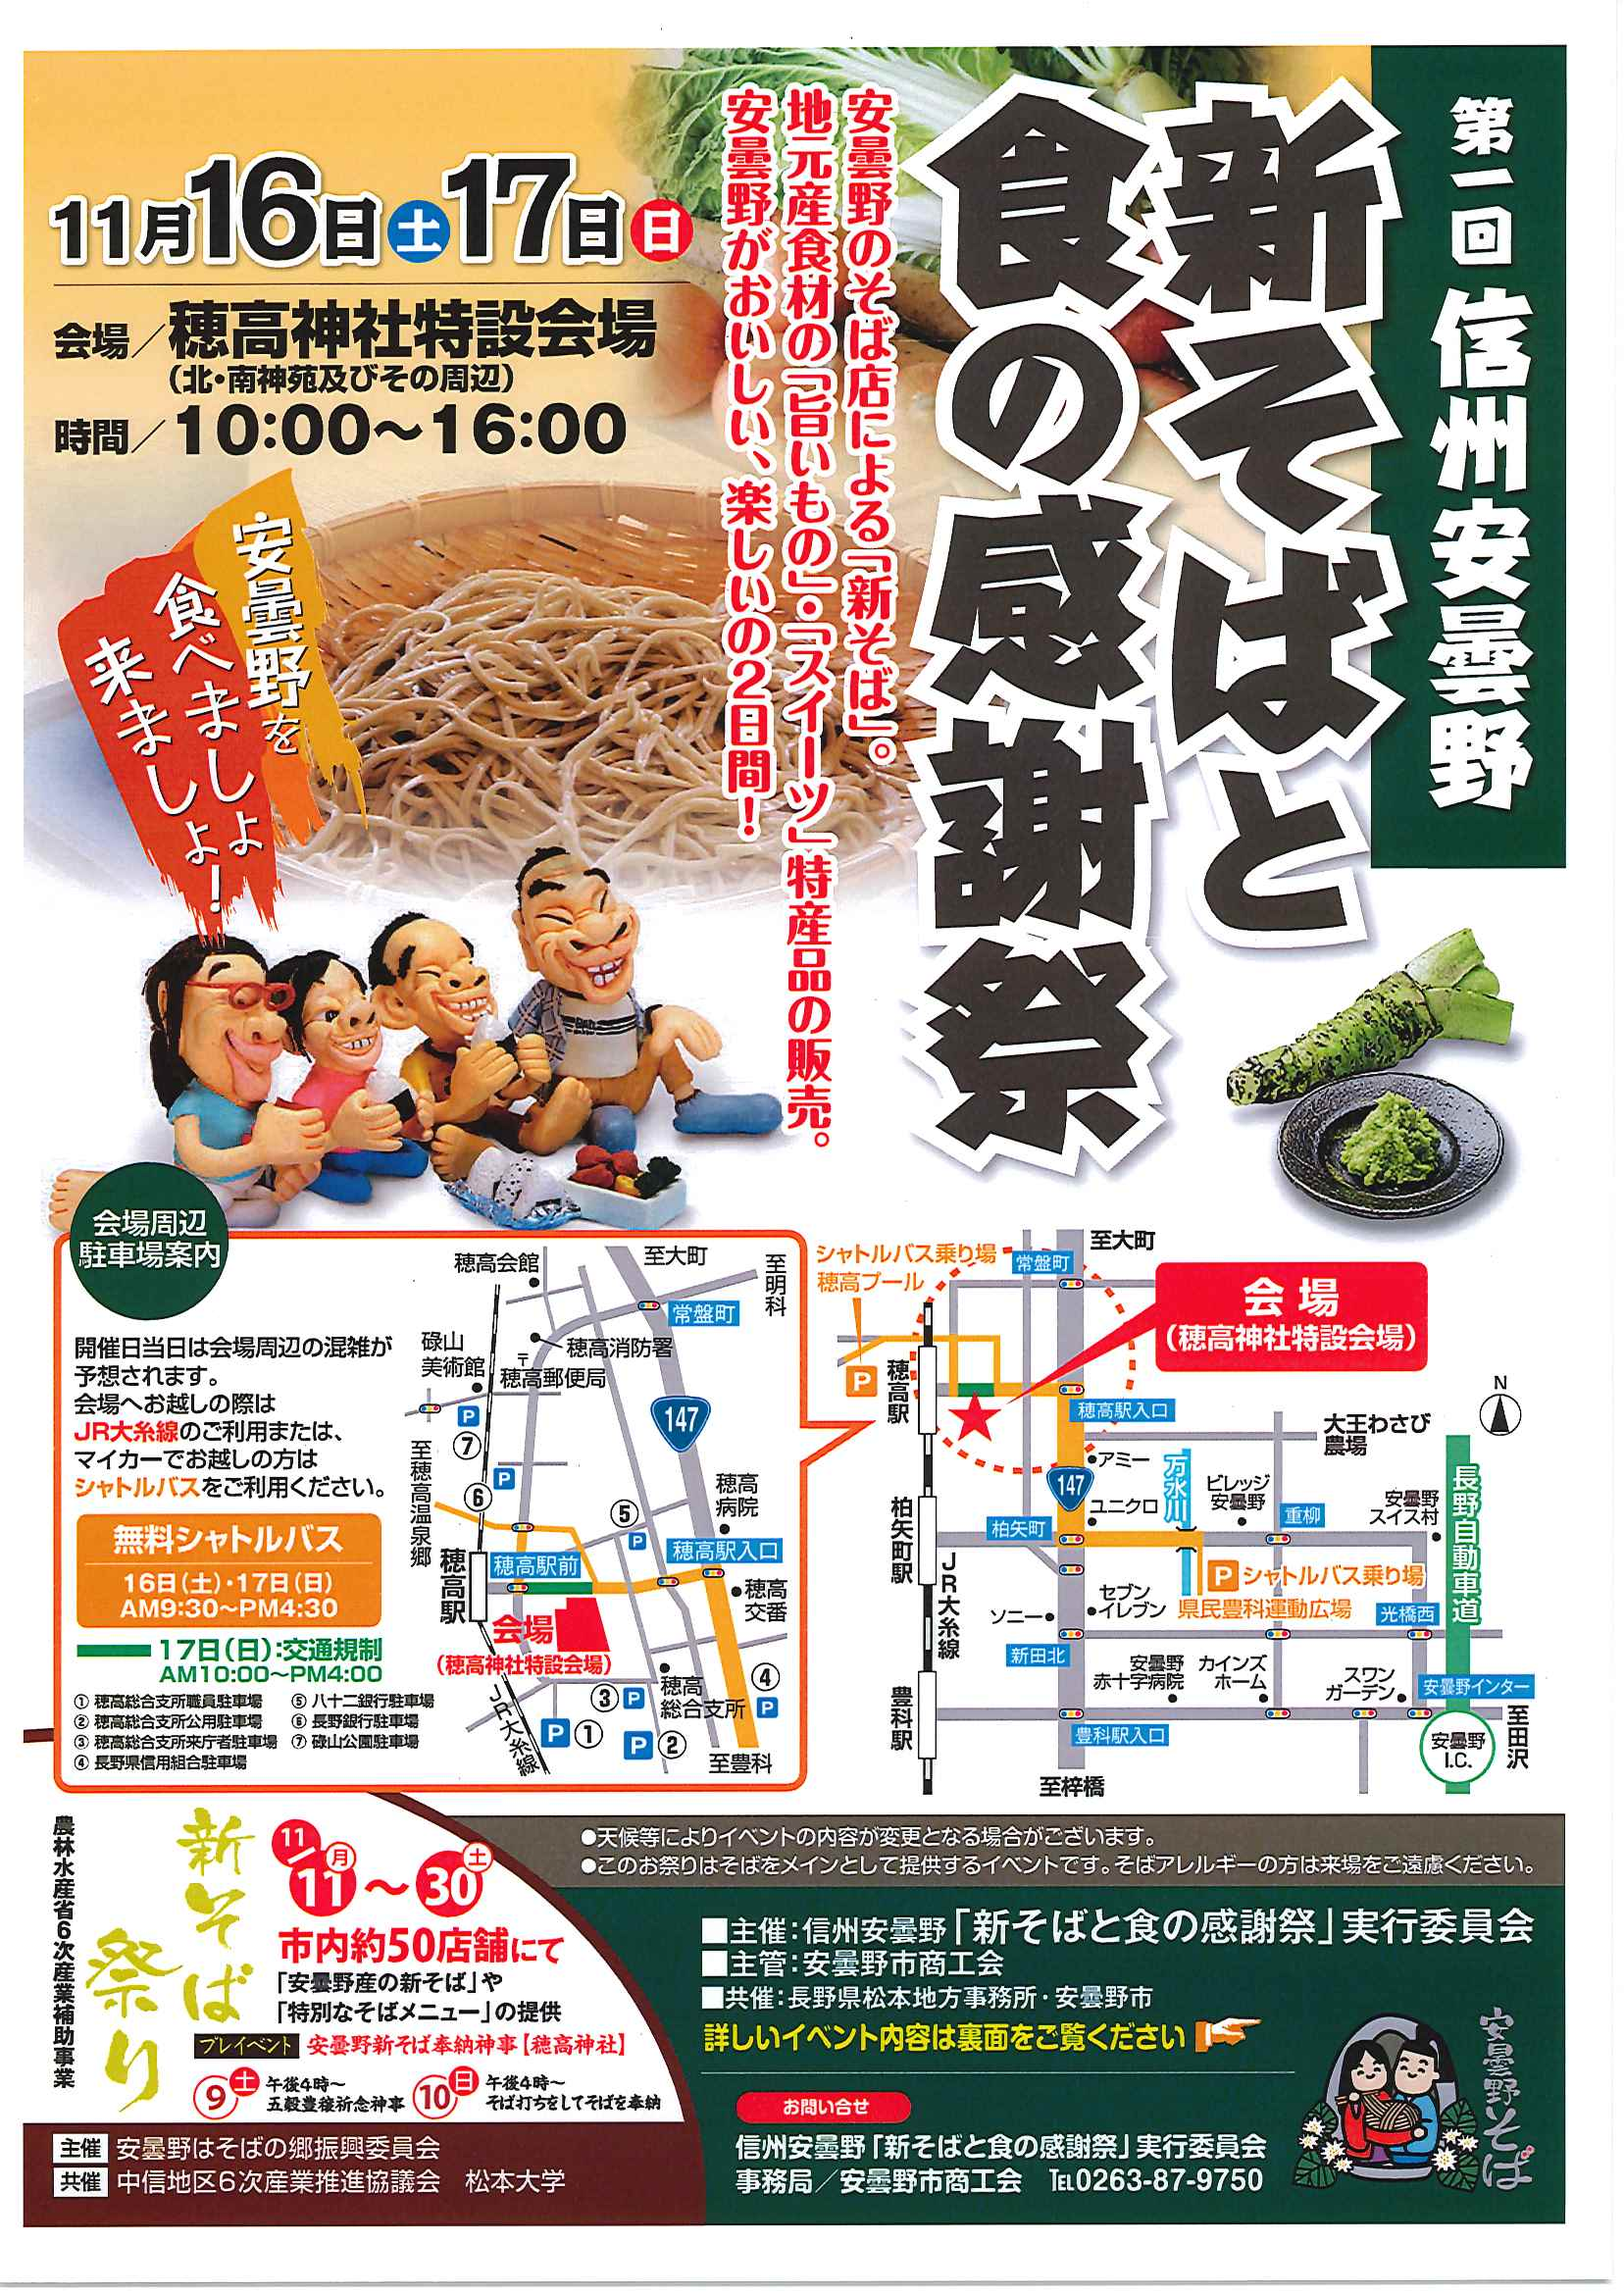 2013.11.15新そば祭り開催♪2